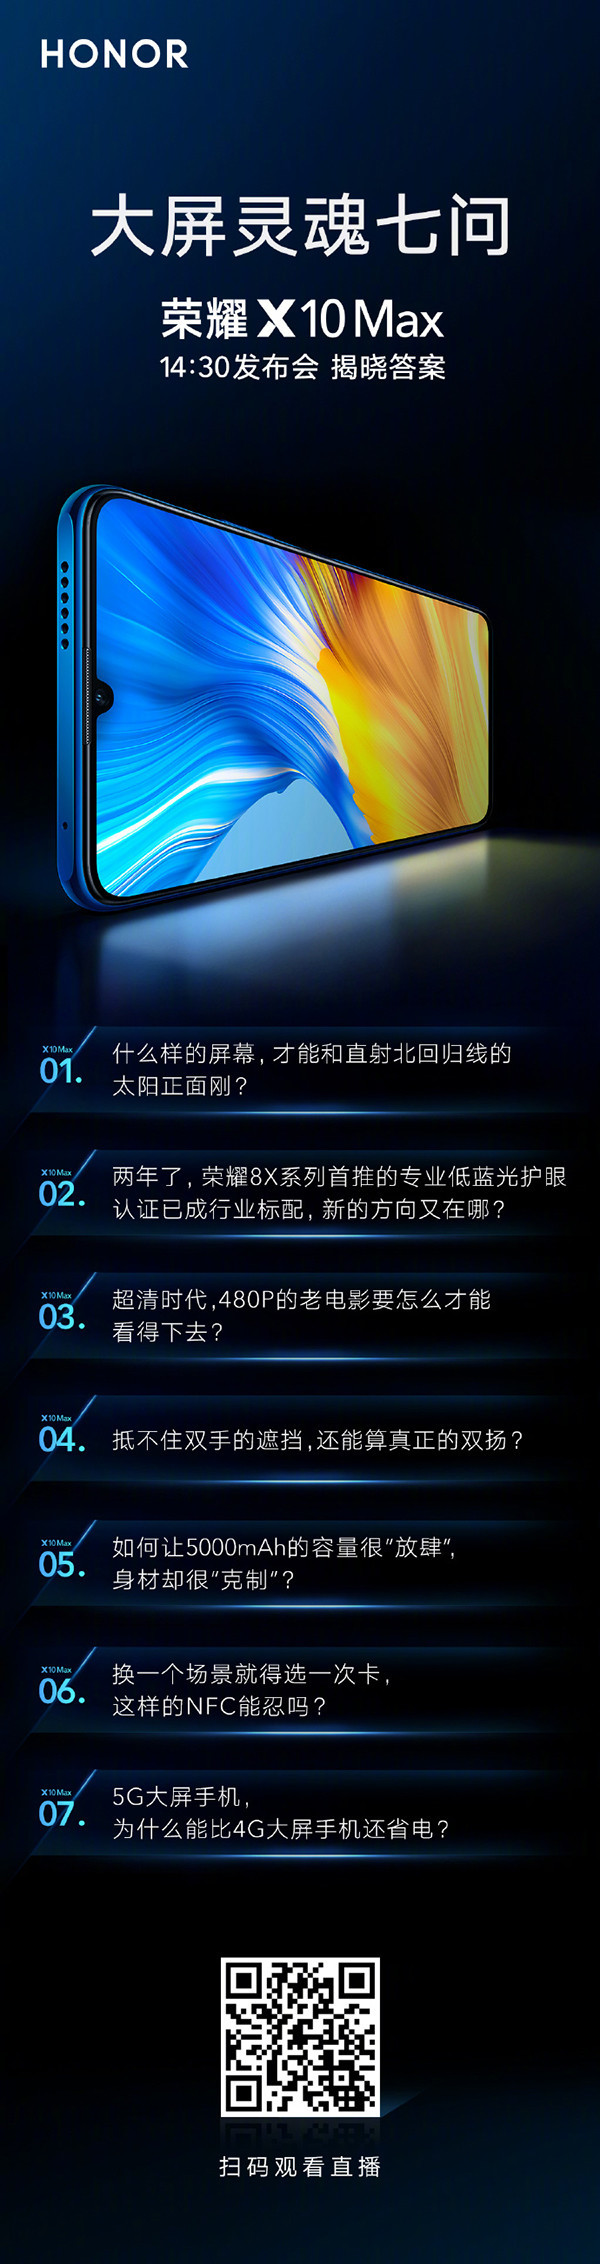 """摩登3官方在线客服荣耀X10 Max""""灵魂七问"""":如何让电量""""放肆""""身材""""克制"""""""